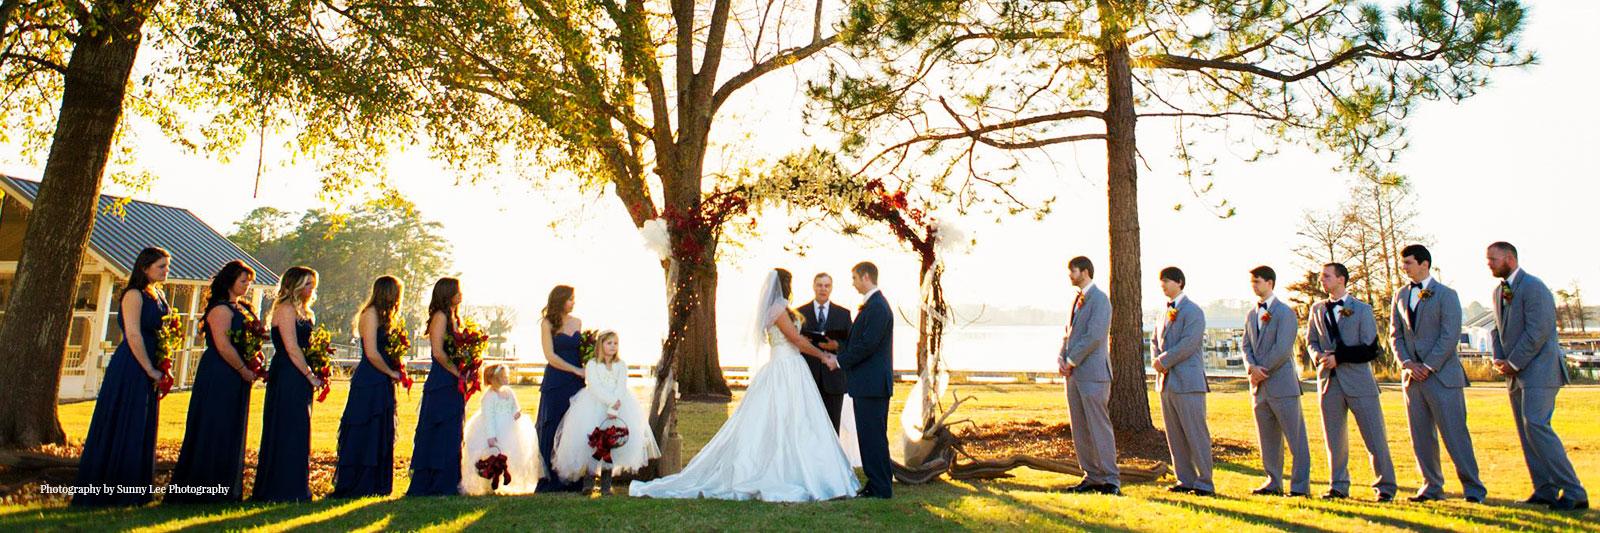 Lake Blackshear Weddings Wedding Gallery 1